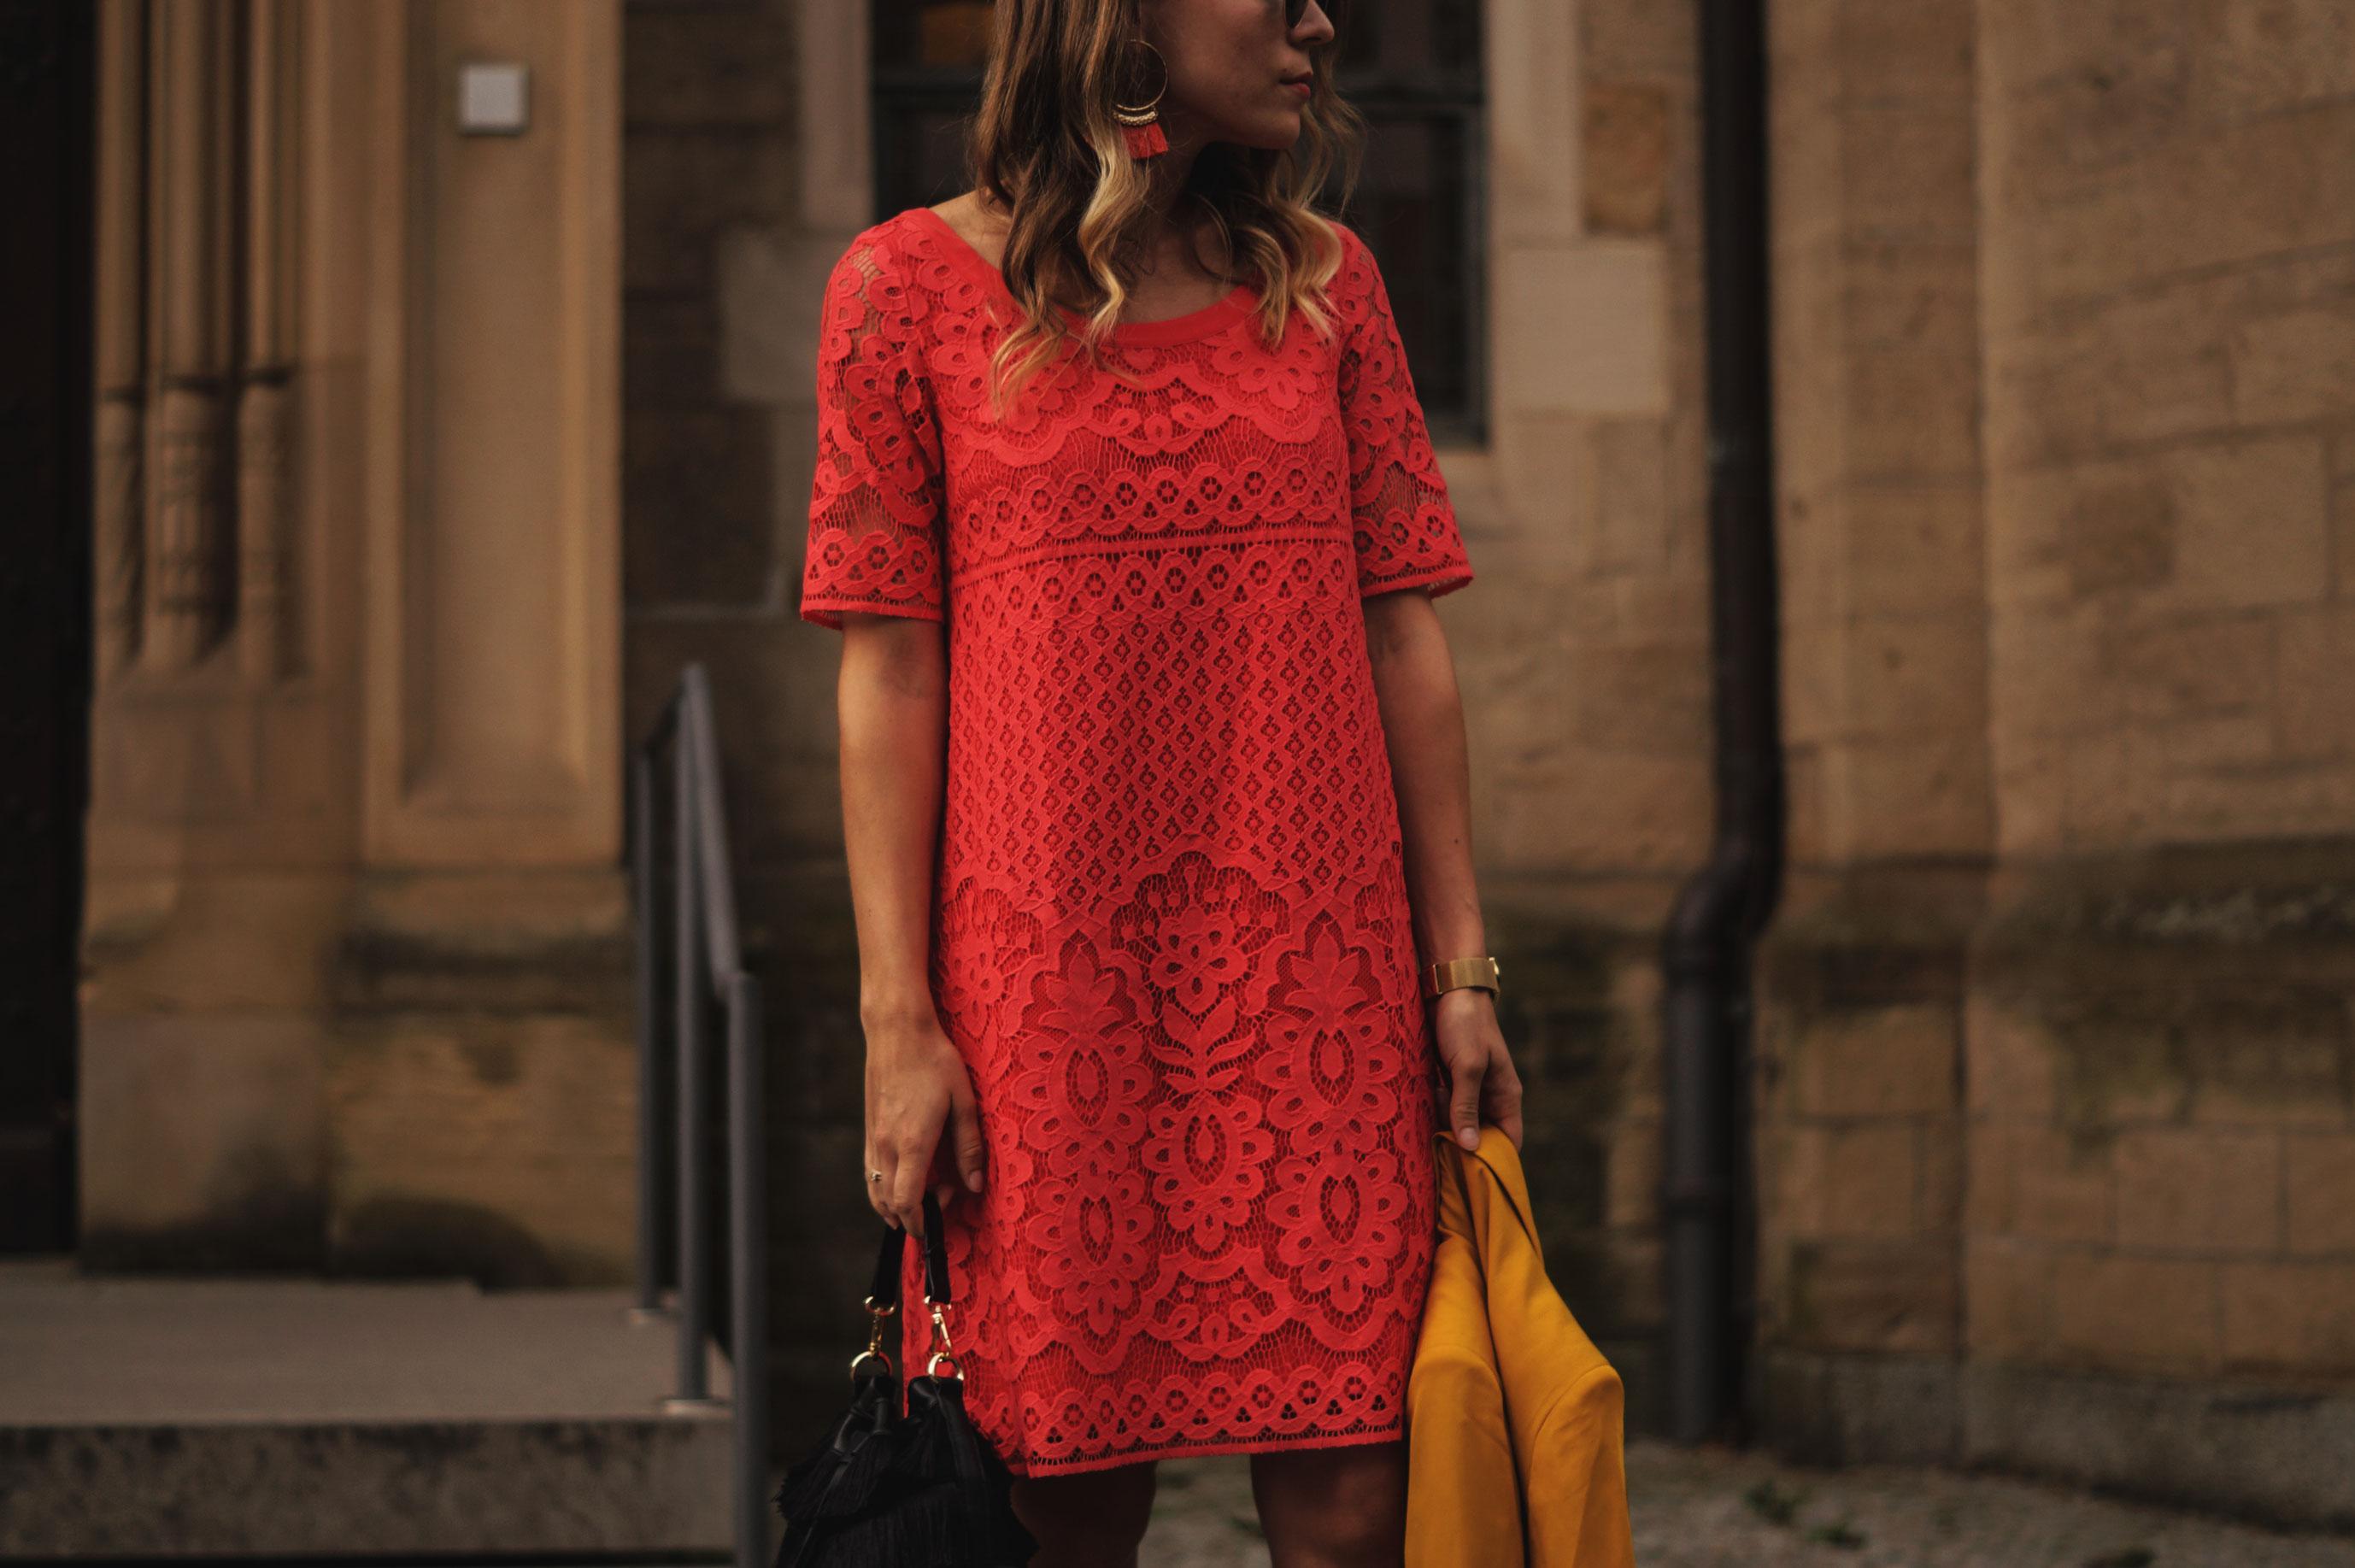 Modeblog Sariety Riani Dress Fashion Week Berlin Spitzenkleid gelber Blazer yellow Jacket Fiesta Rianista Color Blocking Fashionblogger_5